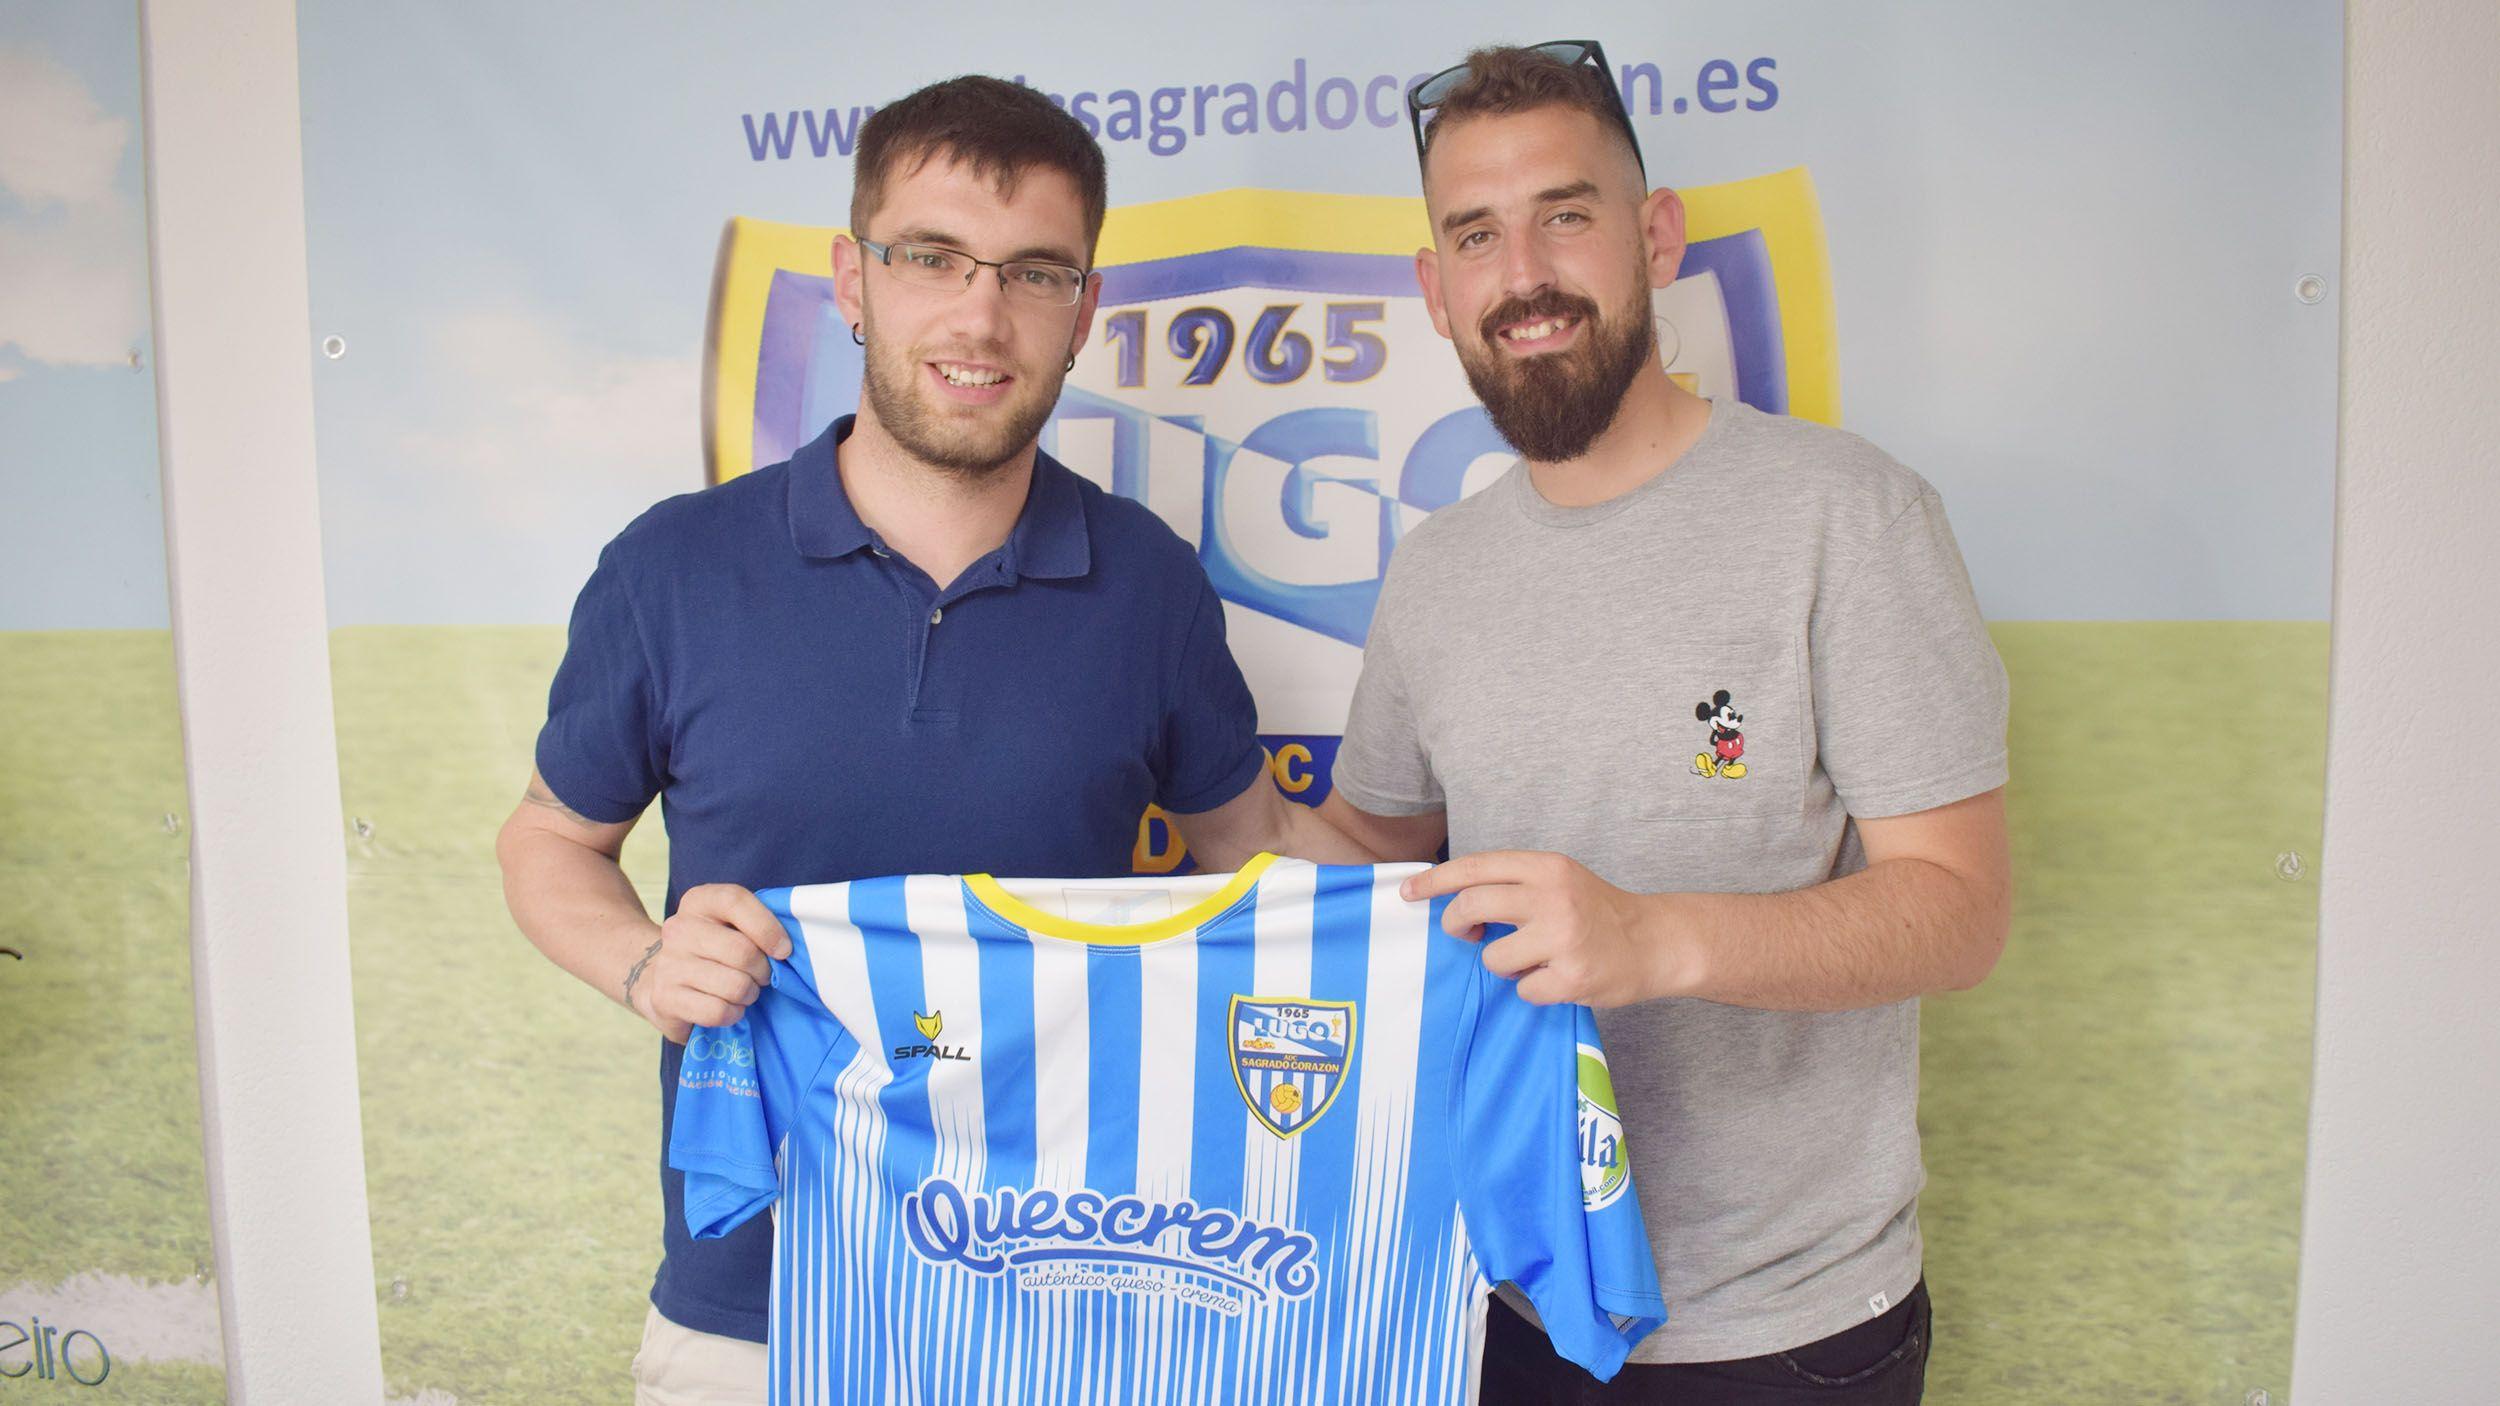 Bruno Bouza, nuevo técnico para la estructura deportiva del club